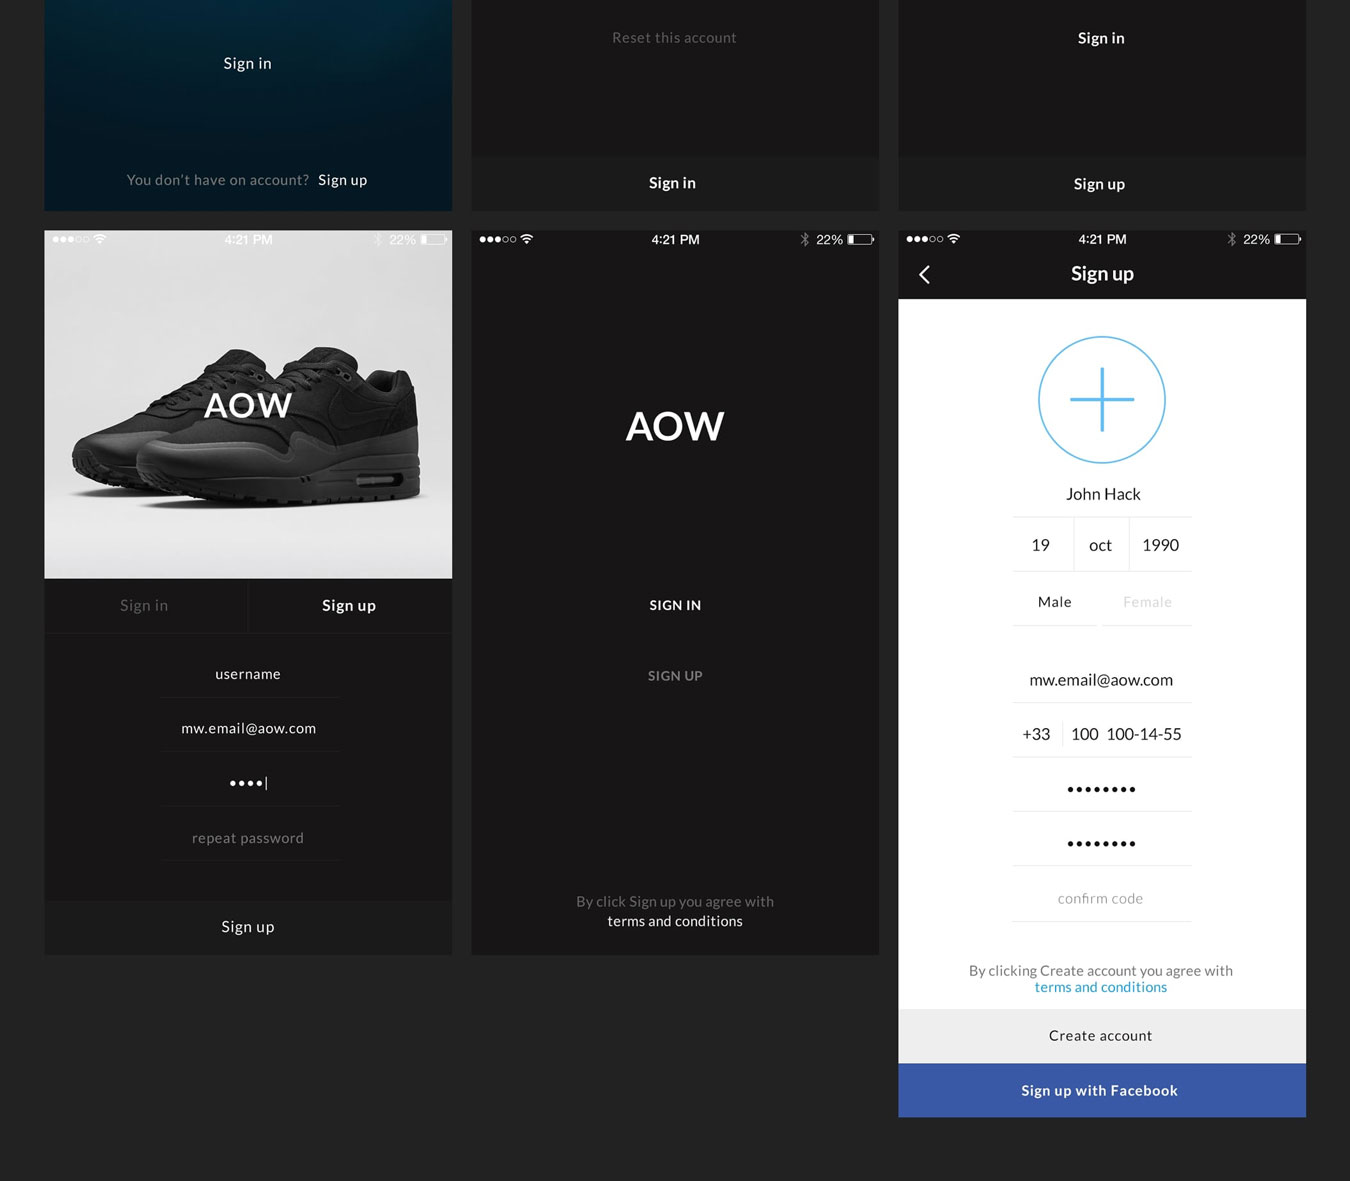 多功能音乐社交电子商城iOS APP UI设计模板套件 AOW UI Kit插图(6)